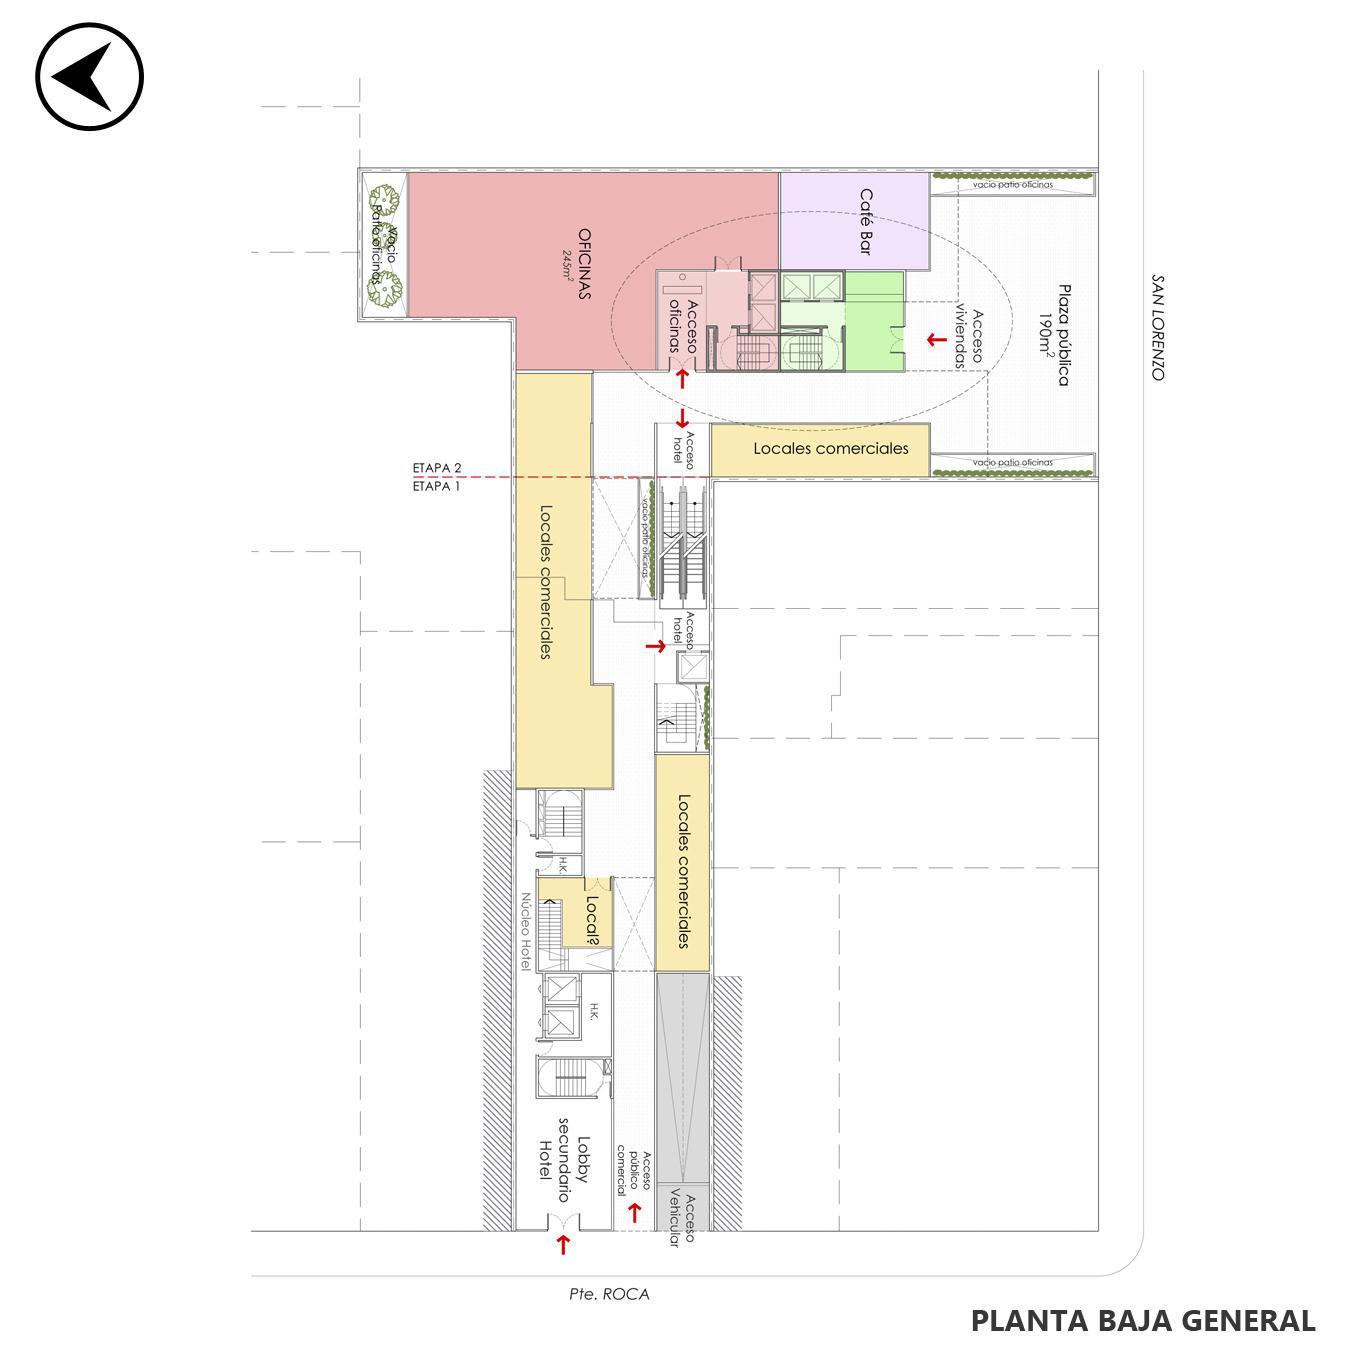 Venta departamento 1 dormitorio Rosario, Centro. Cod CBU23680 AP2226770. Crestale Propiedades